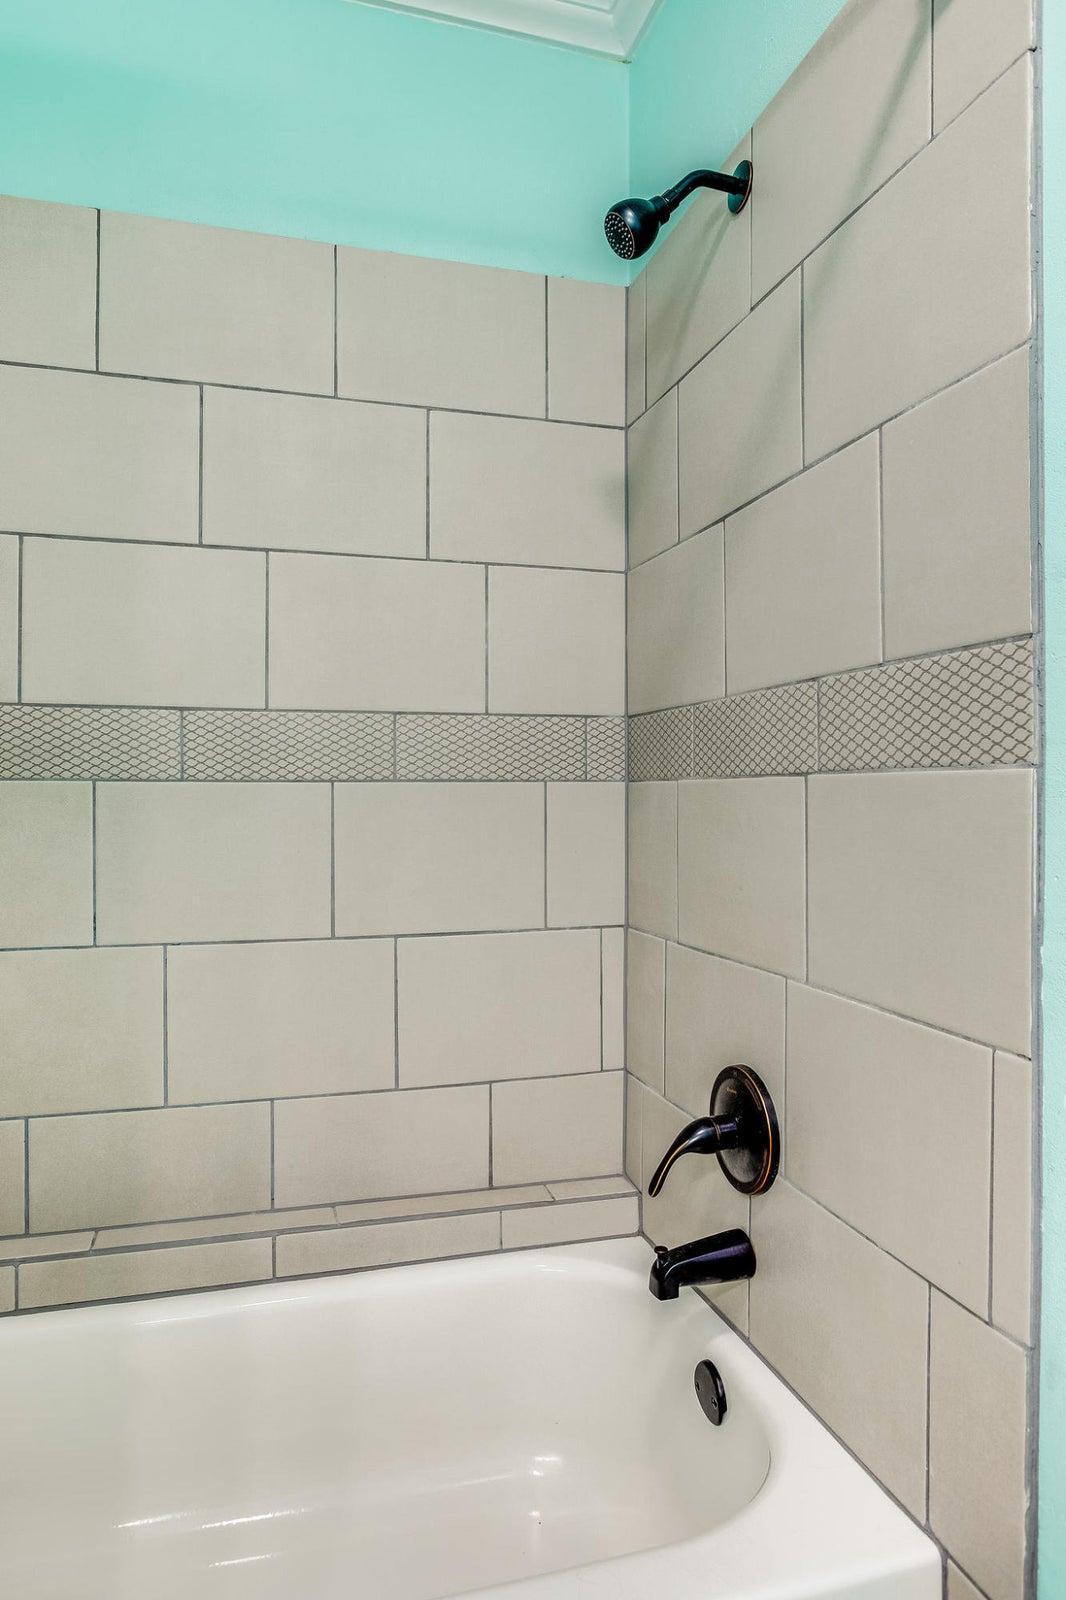 504 Bobolink Rd shower